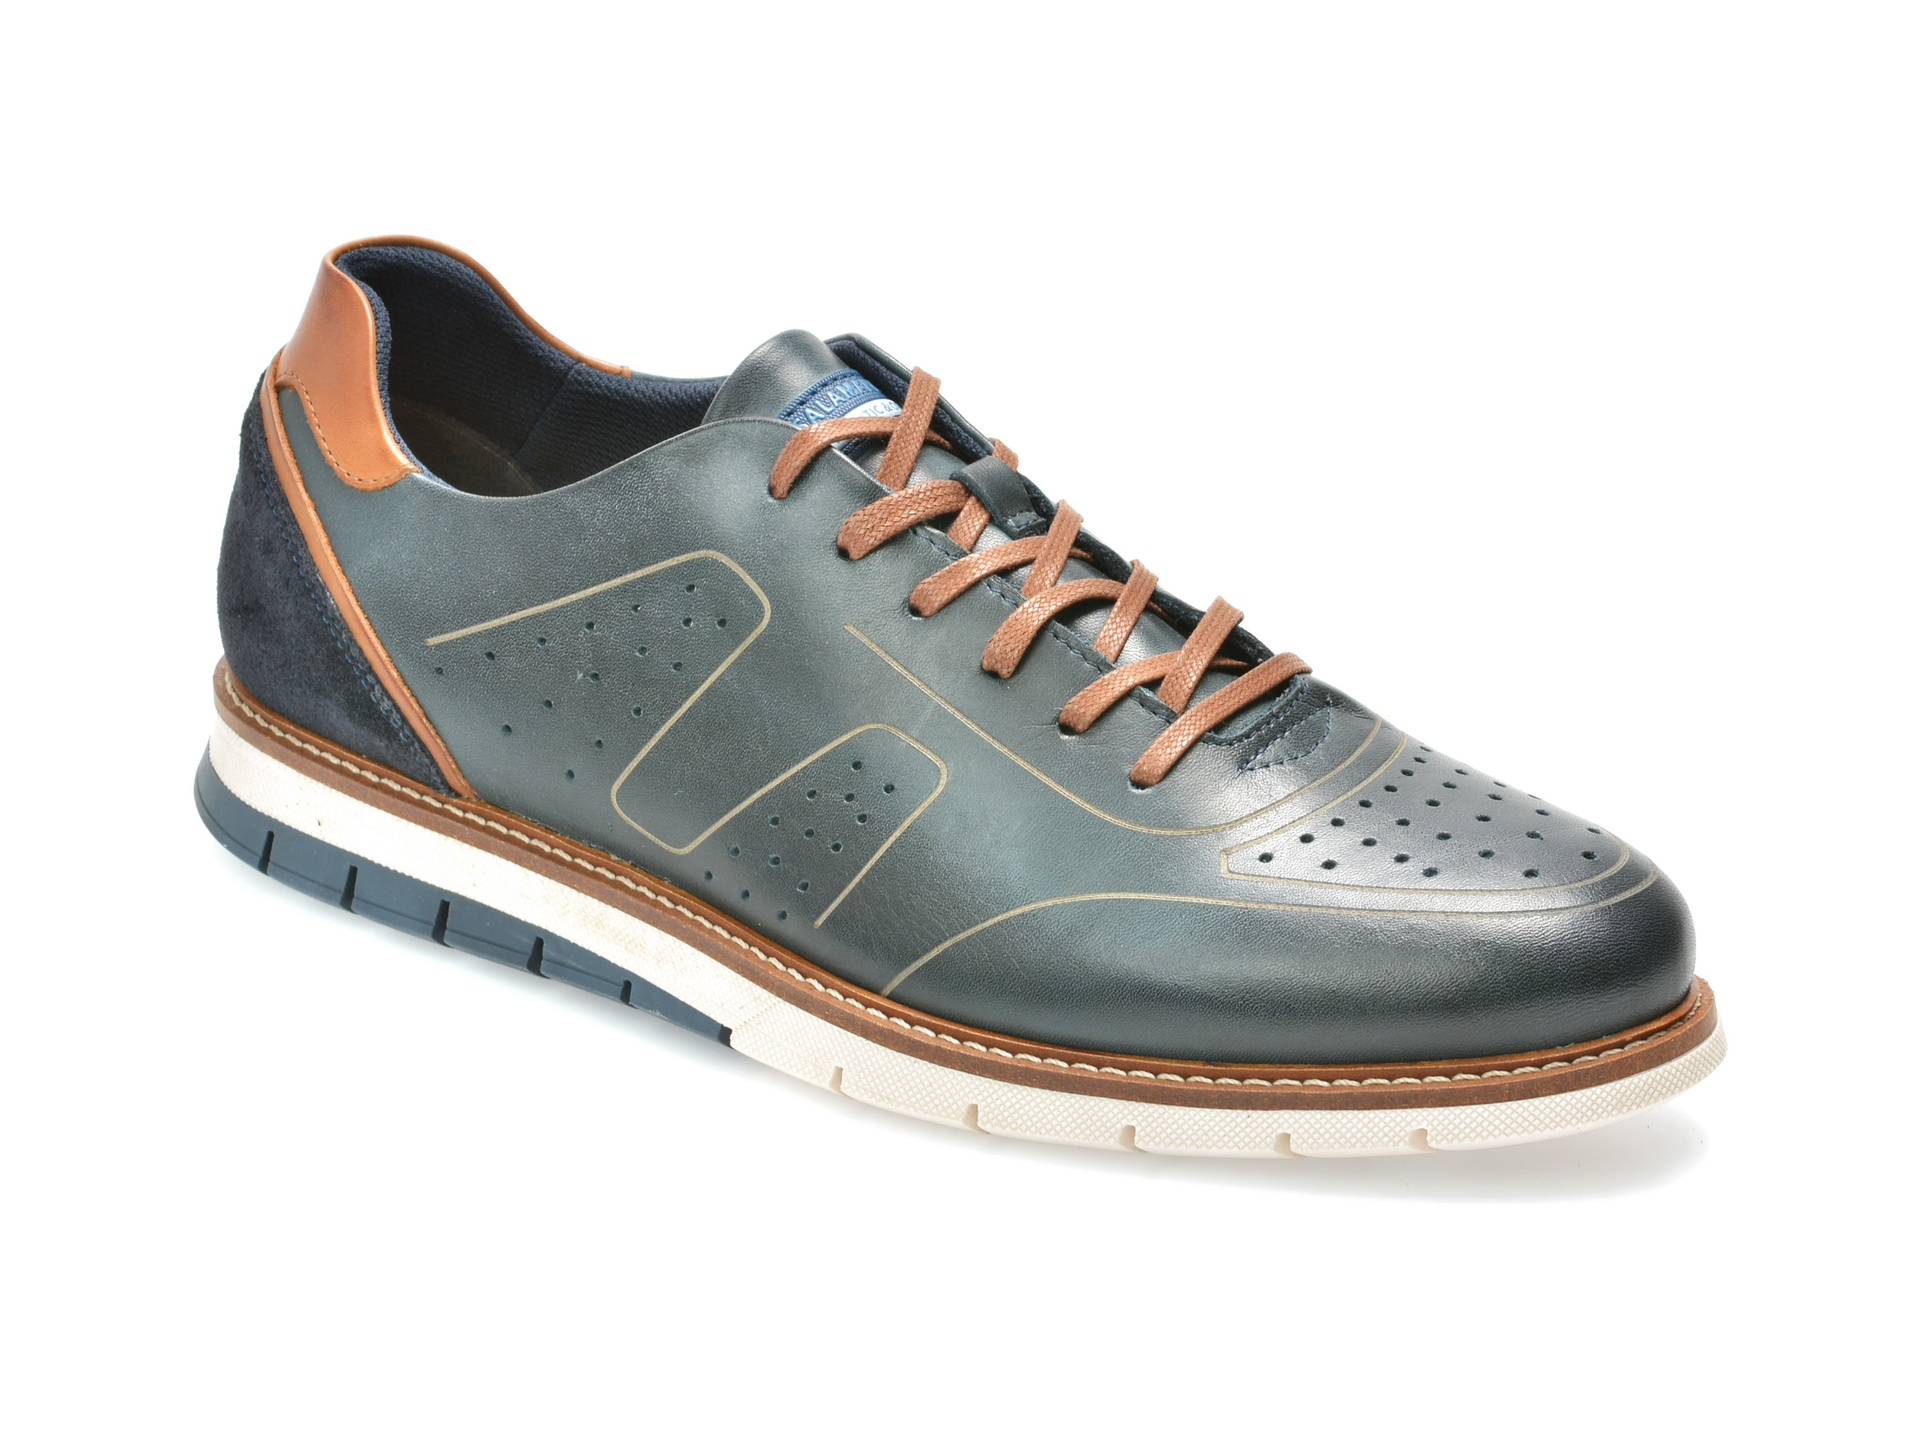 Pantofi SALAMANDER bleumarin, 56502, din piele naturala